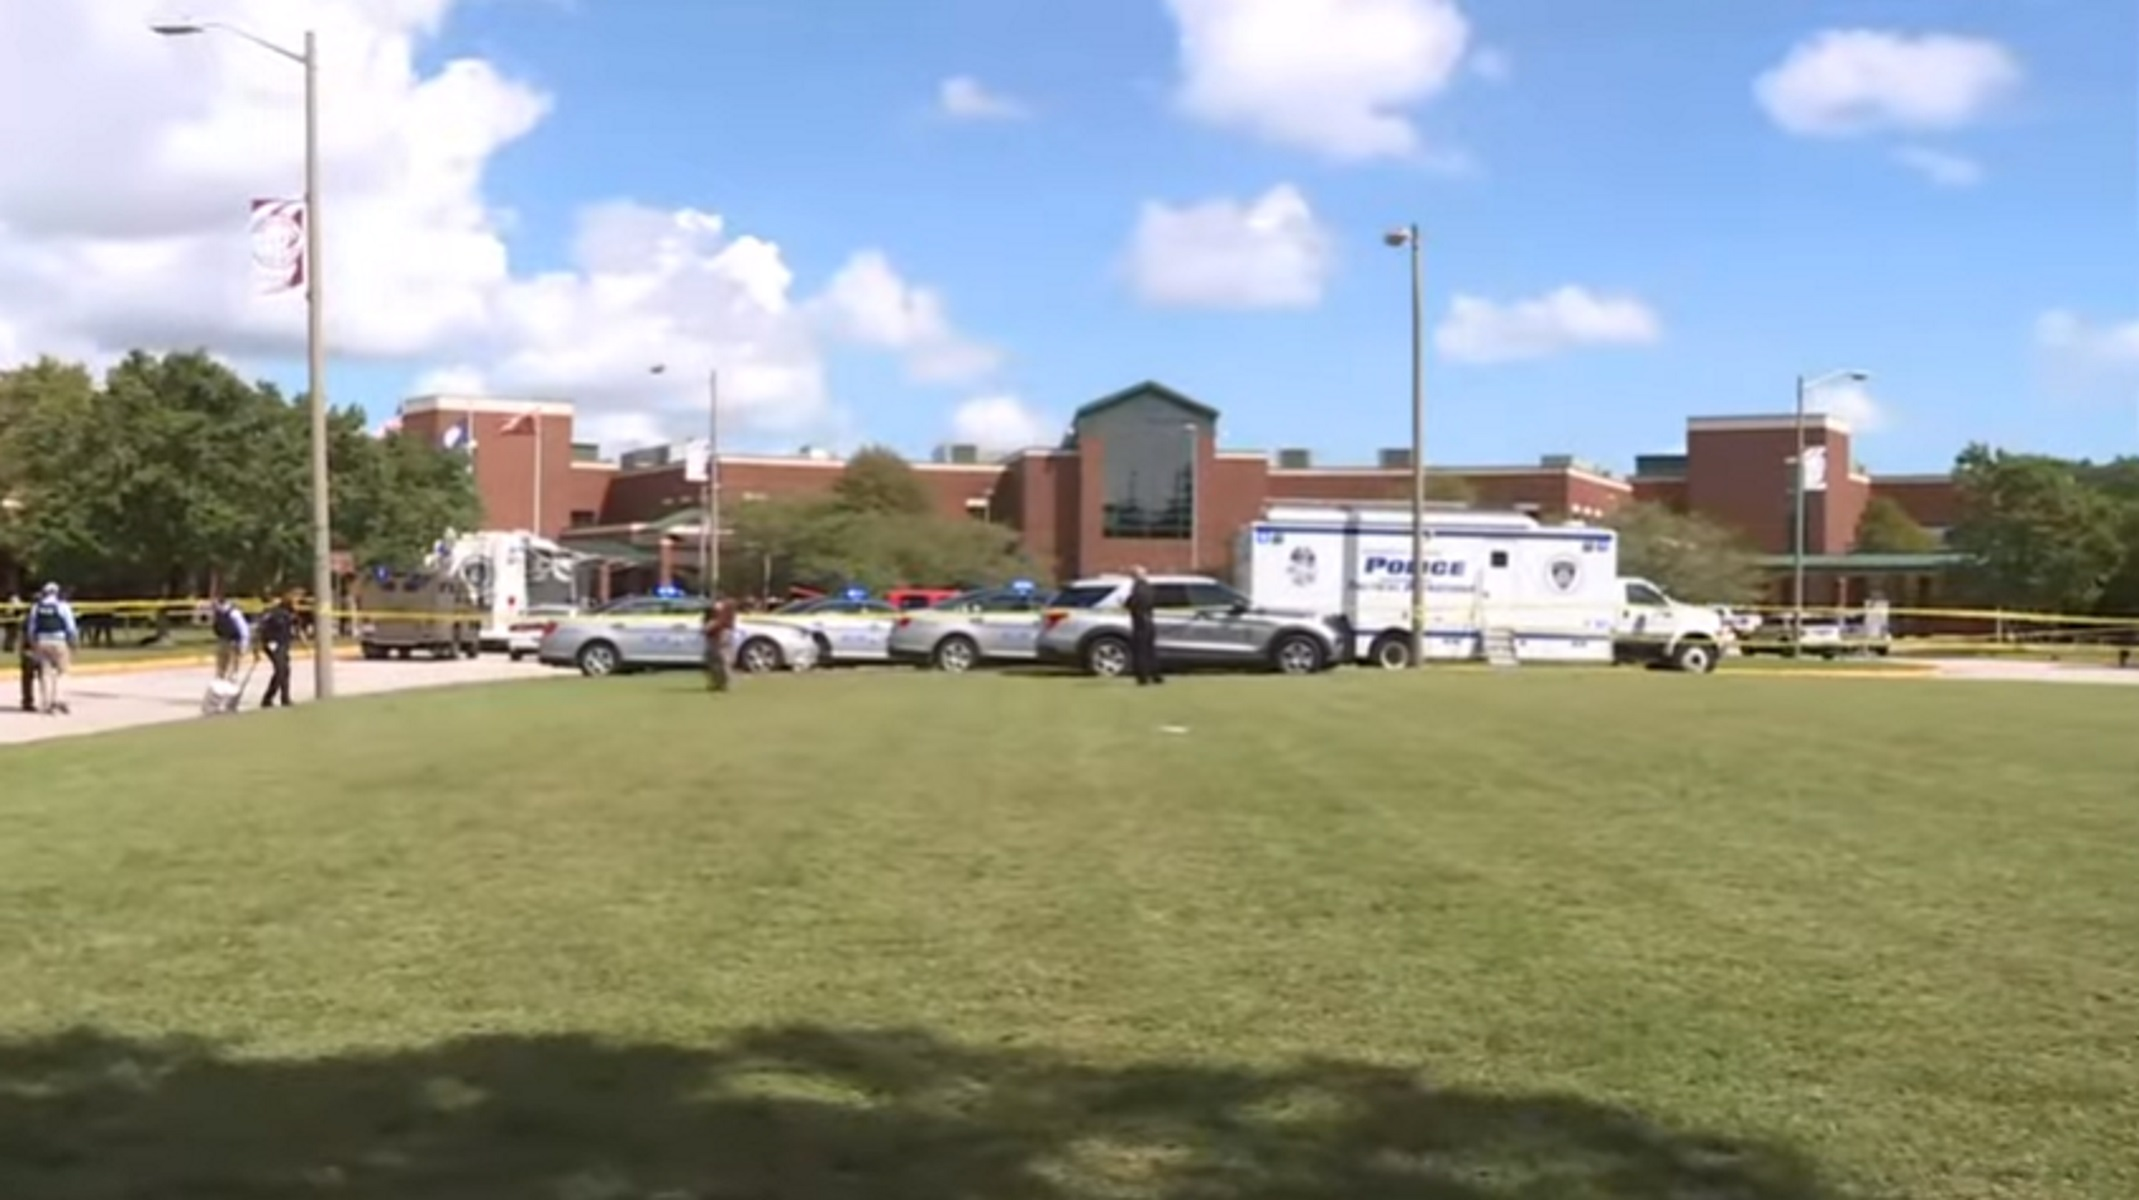 ΗΠΑ: Πυροβολισμοί σε σχολείο στη Βιρτζίνια